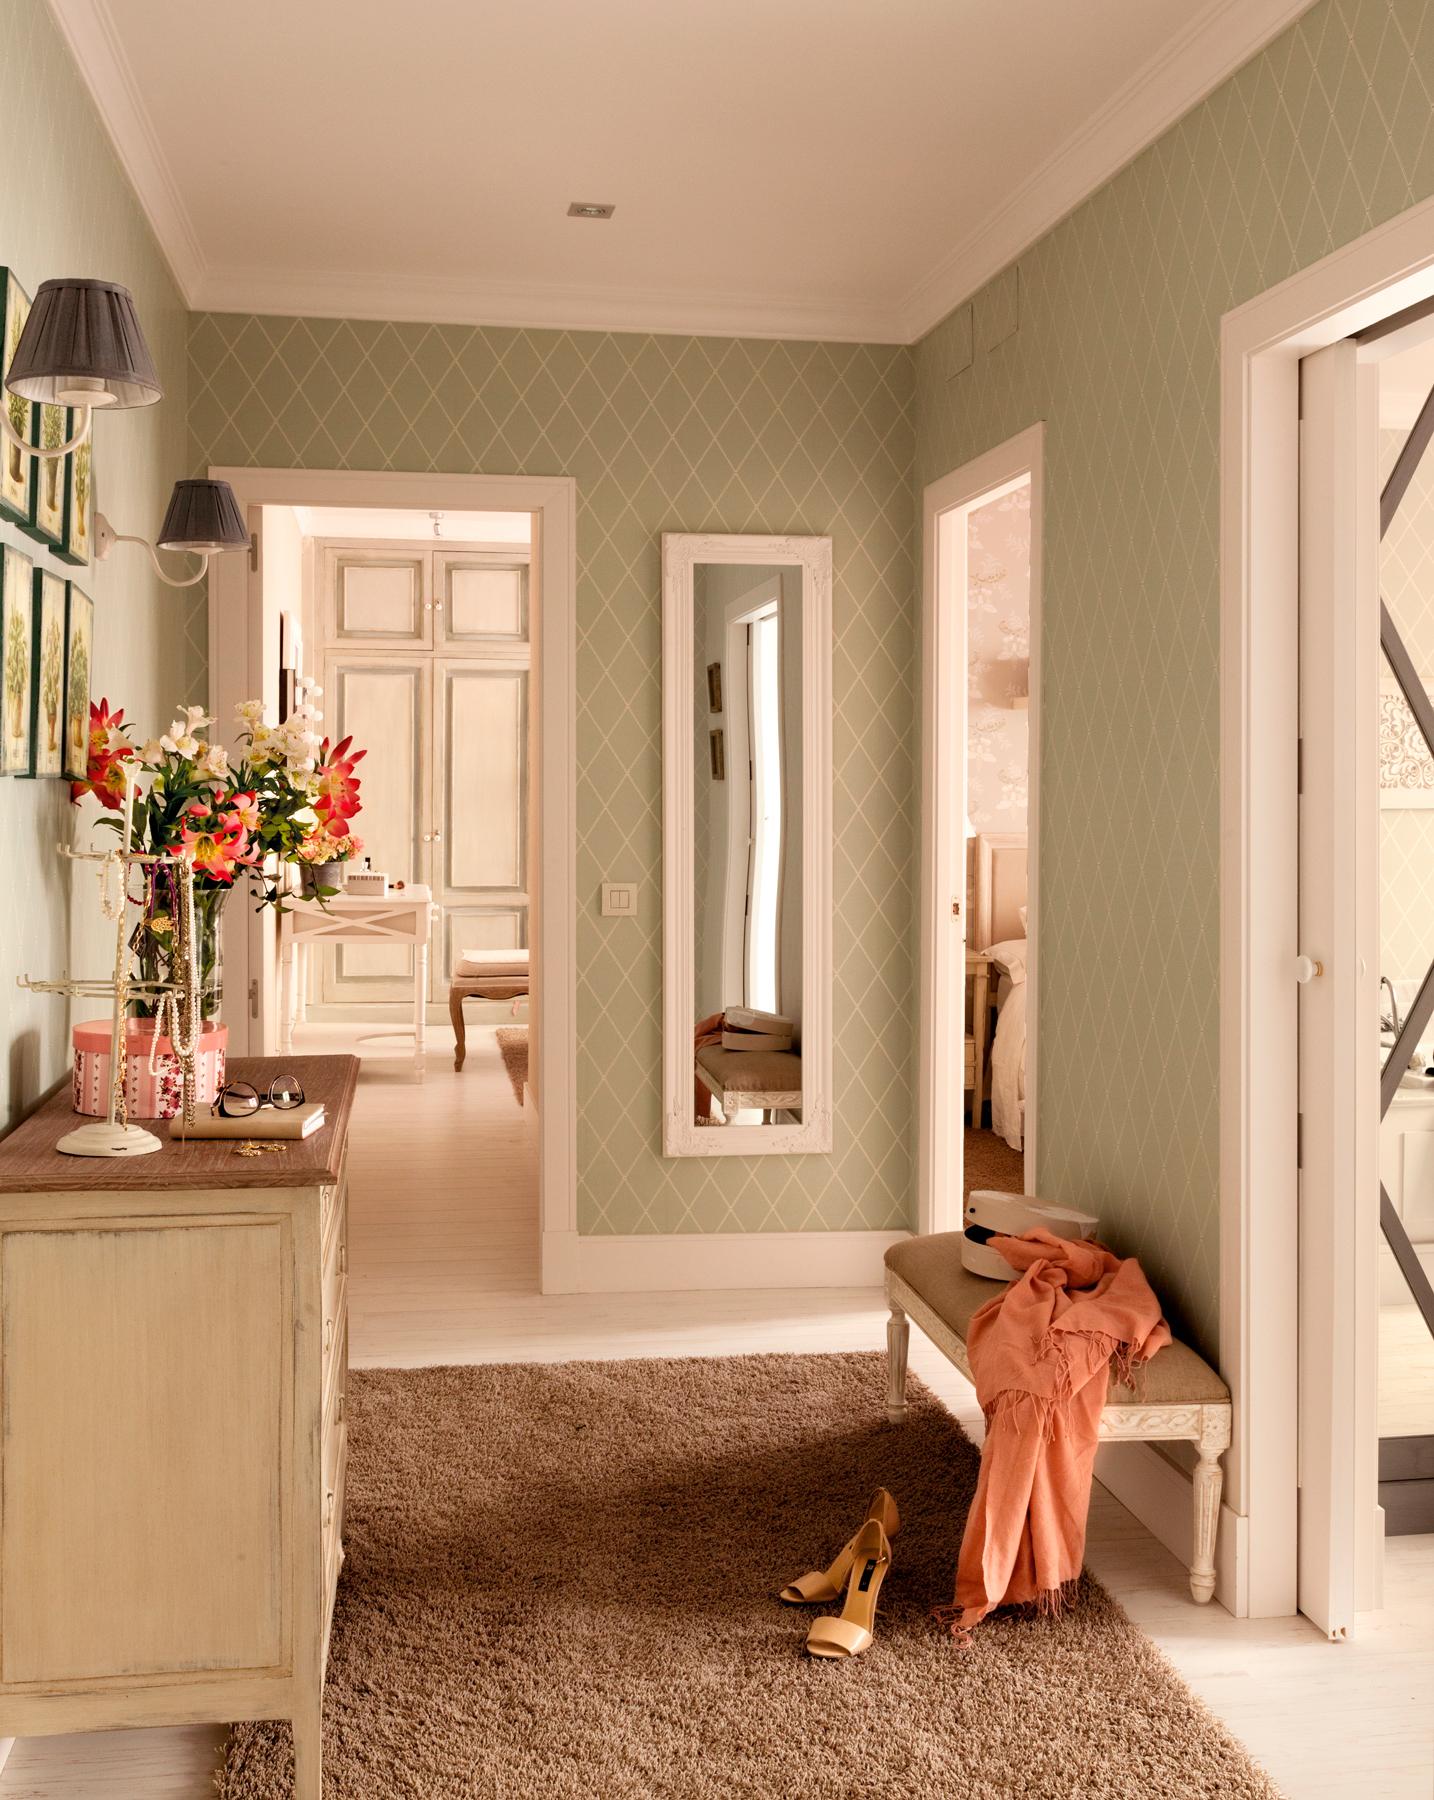 recibidor con papel pintado a rombos en verde y lneas blancas con espejo - Papel Pintado Recibidor